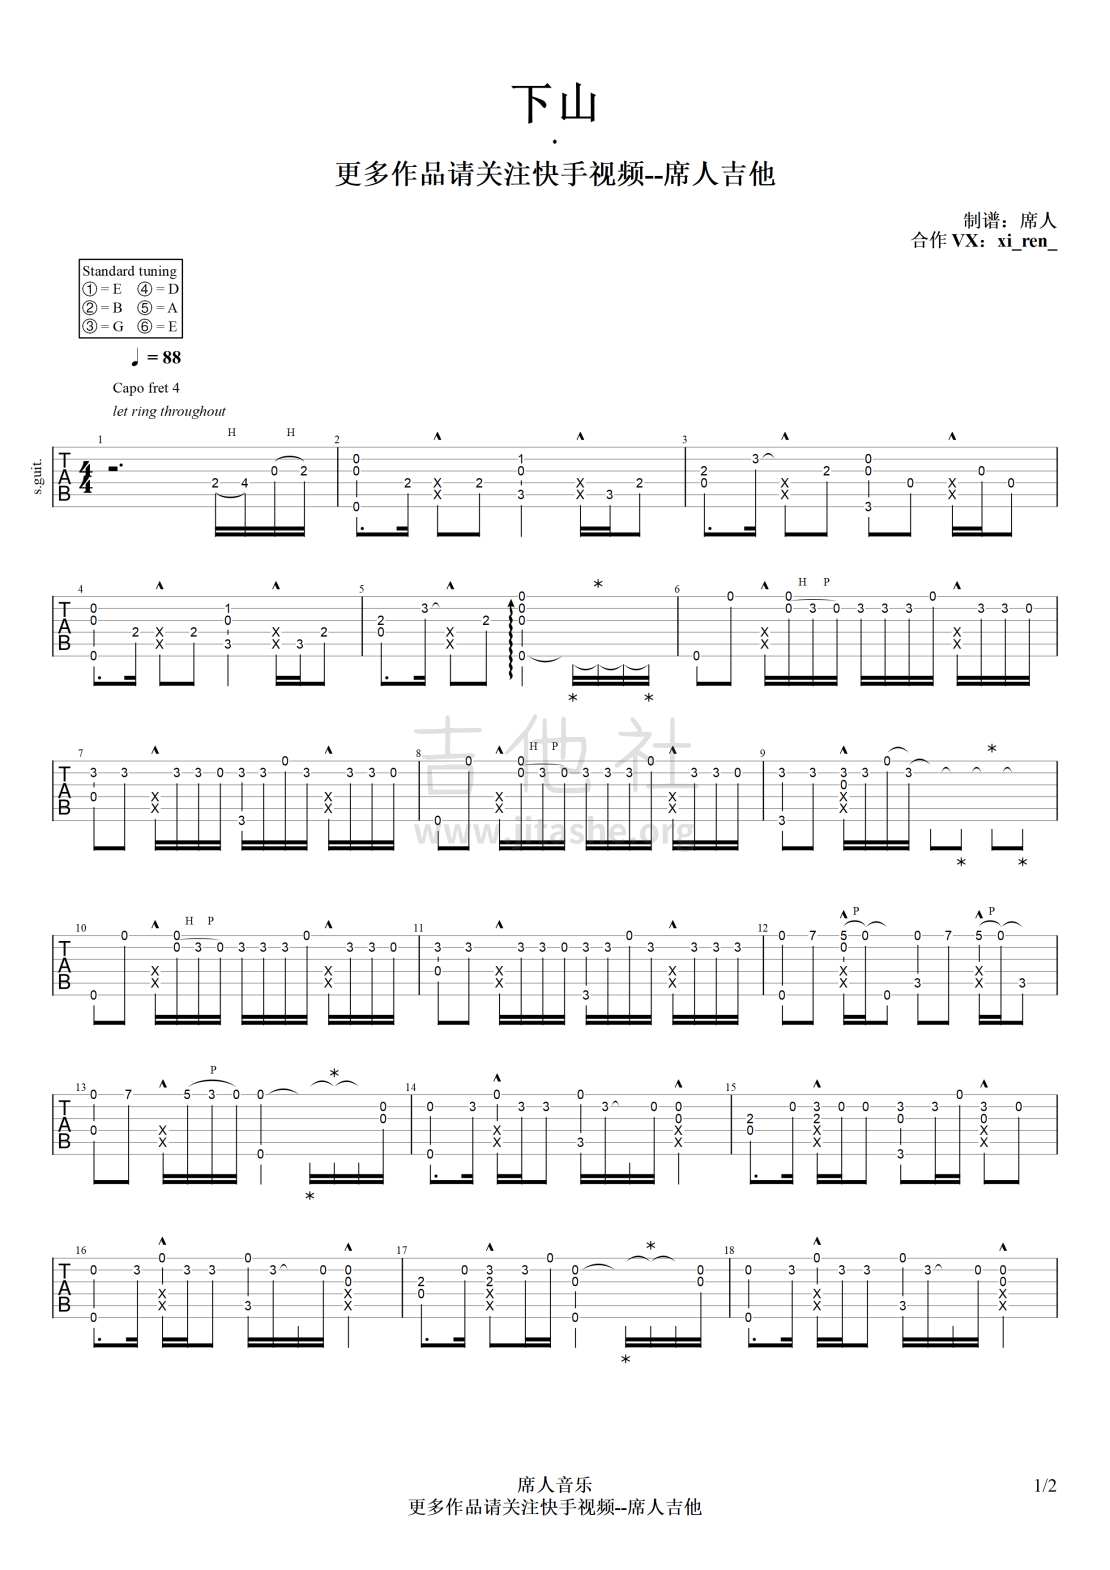 下山吉他谱(图片谱,席人音乐,席人,指弹)_要不要买菜_下山#1.png